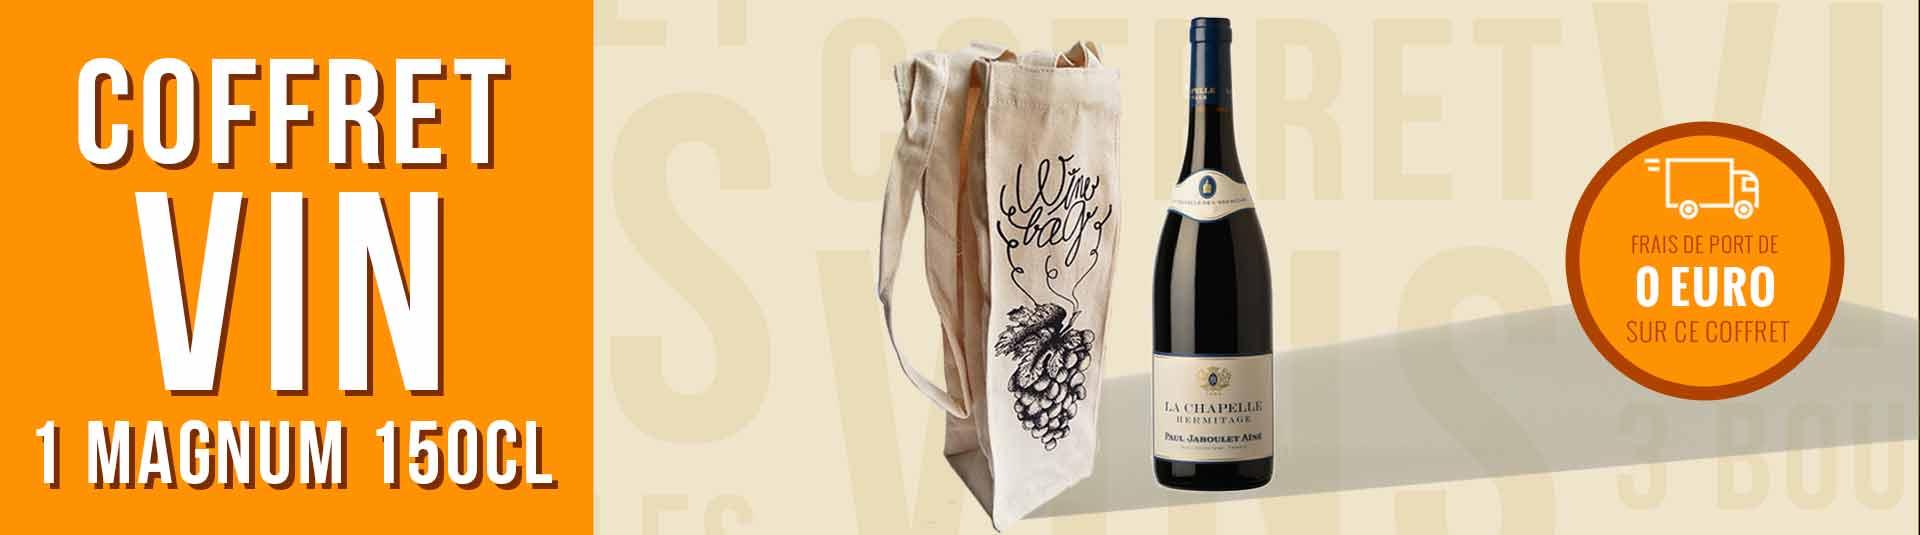 Coffret cadeau vin Magnum Hermitage